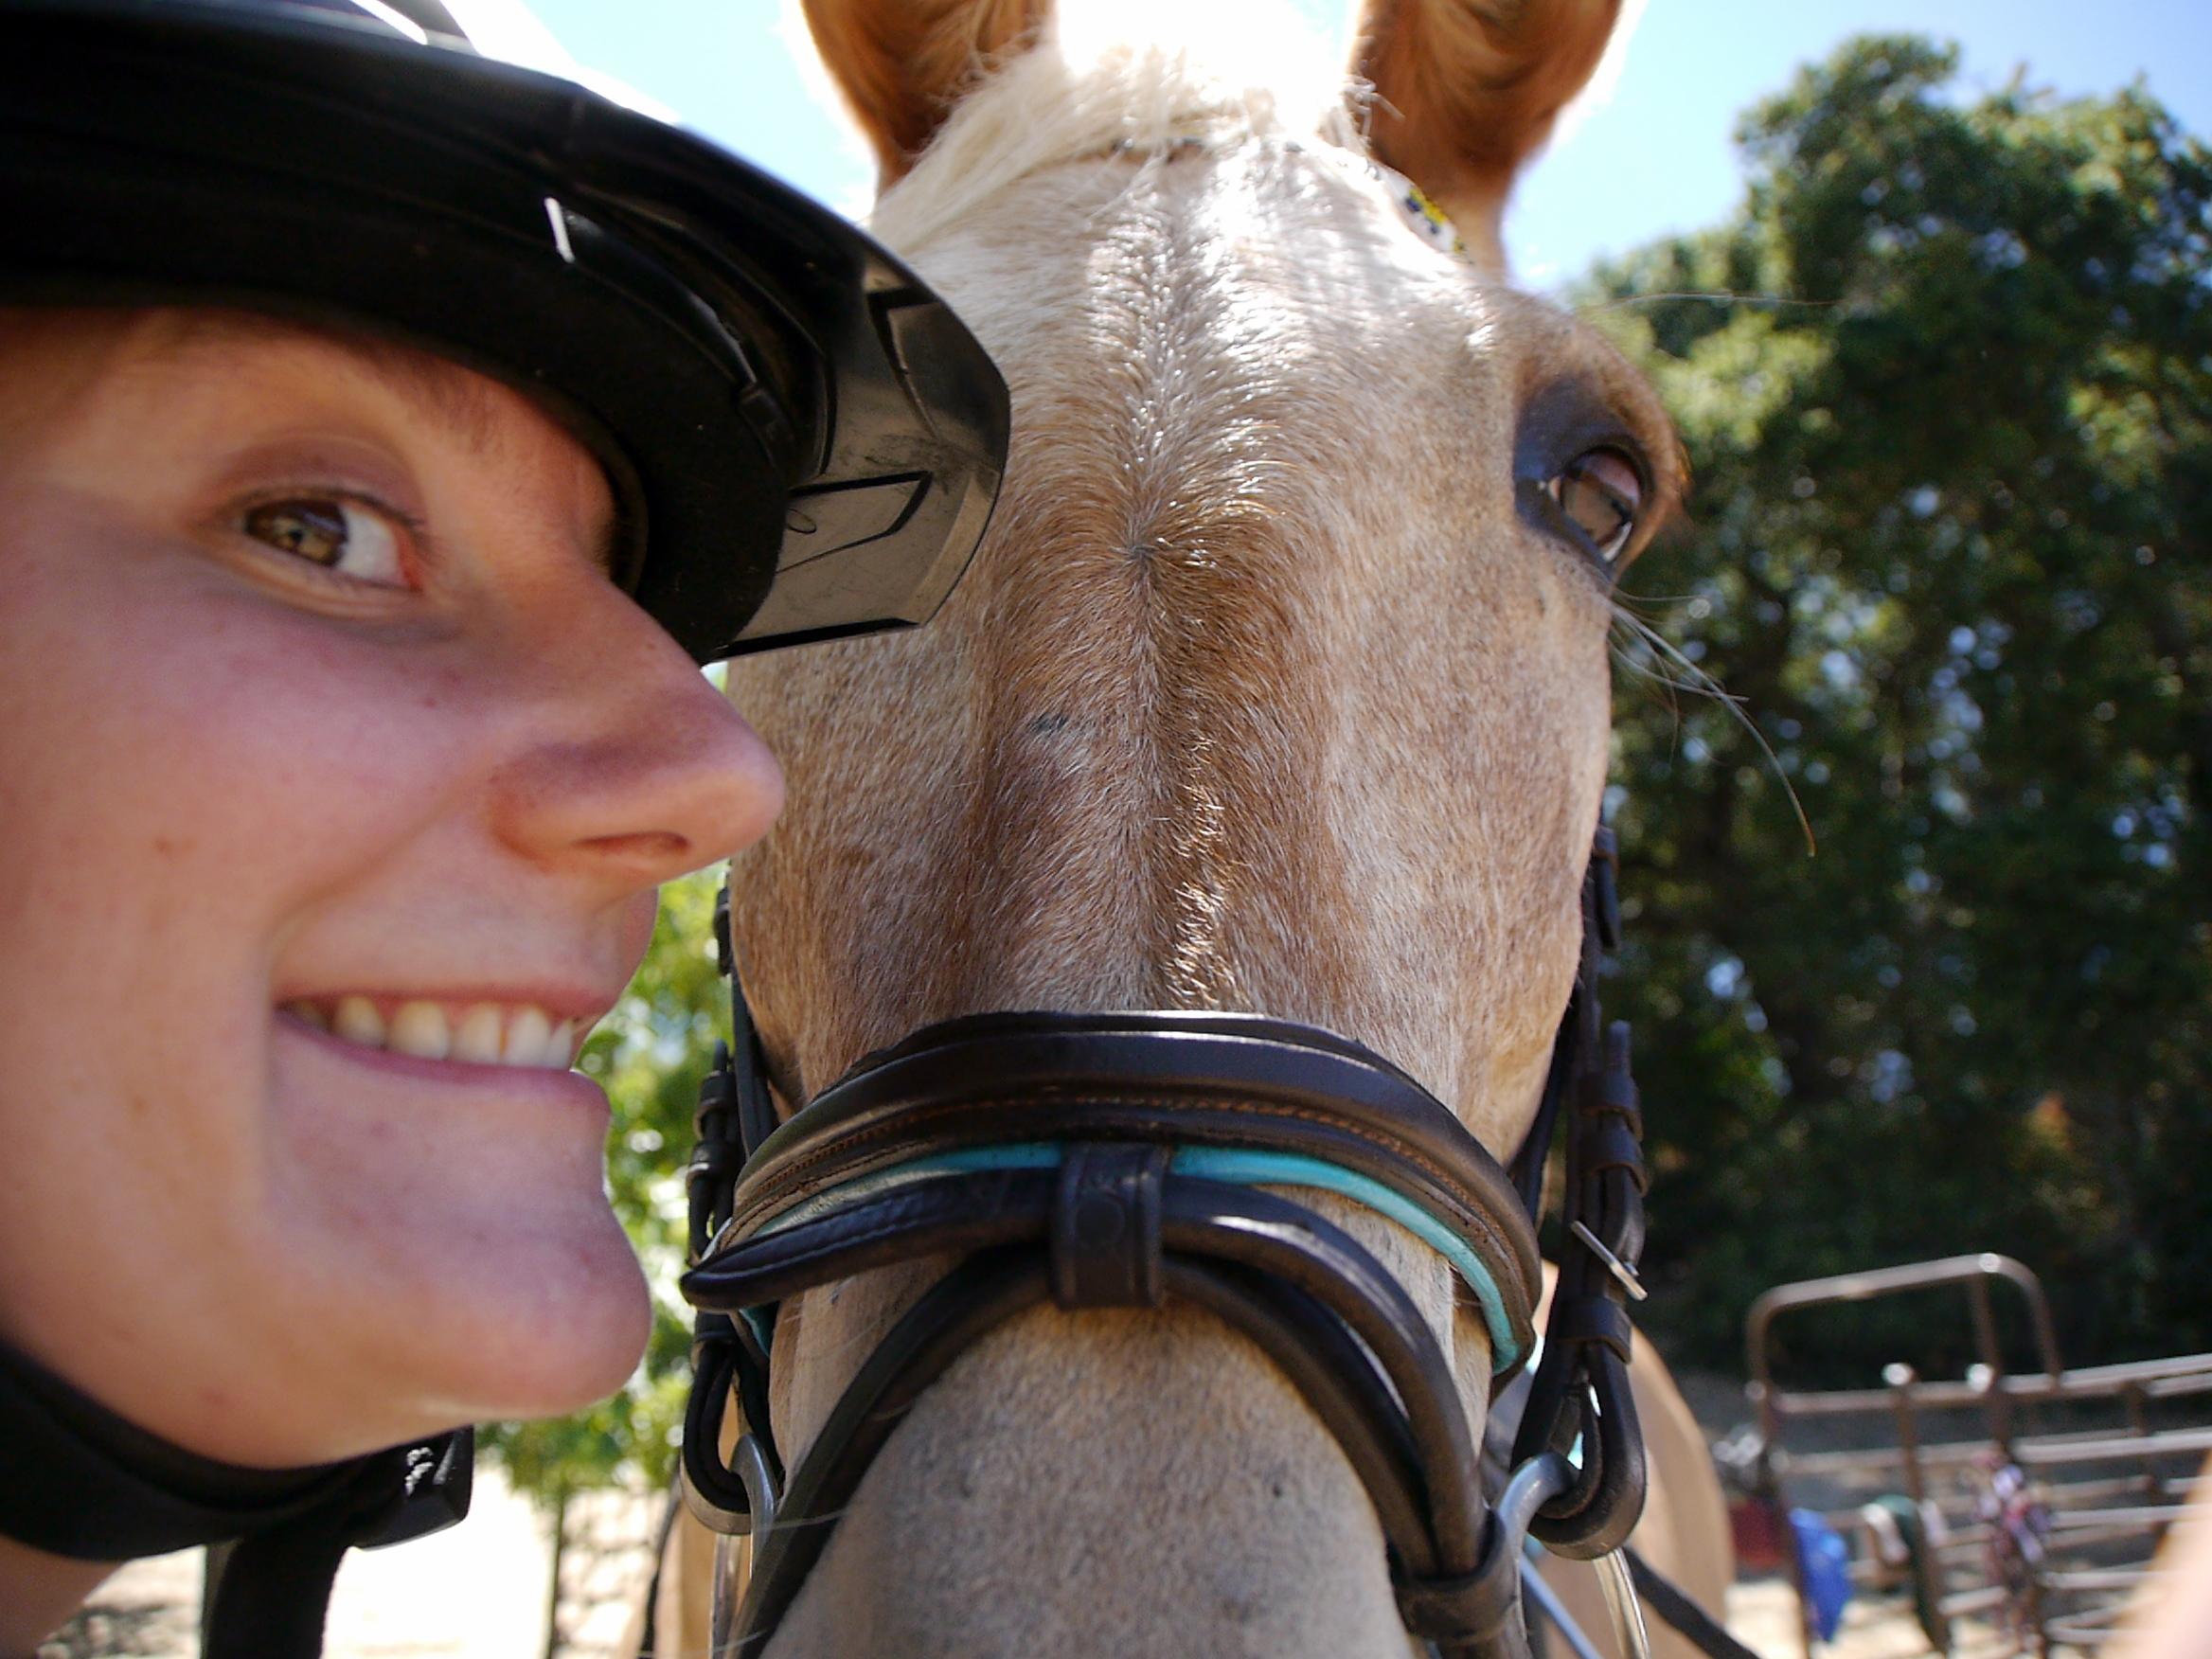 mule selfie